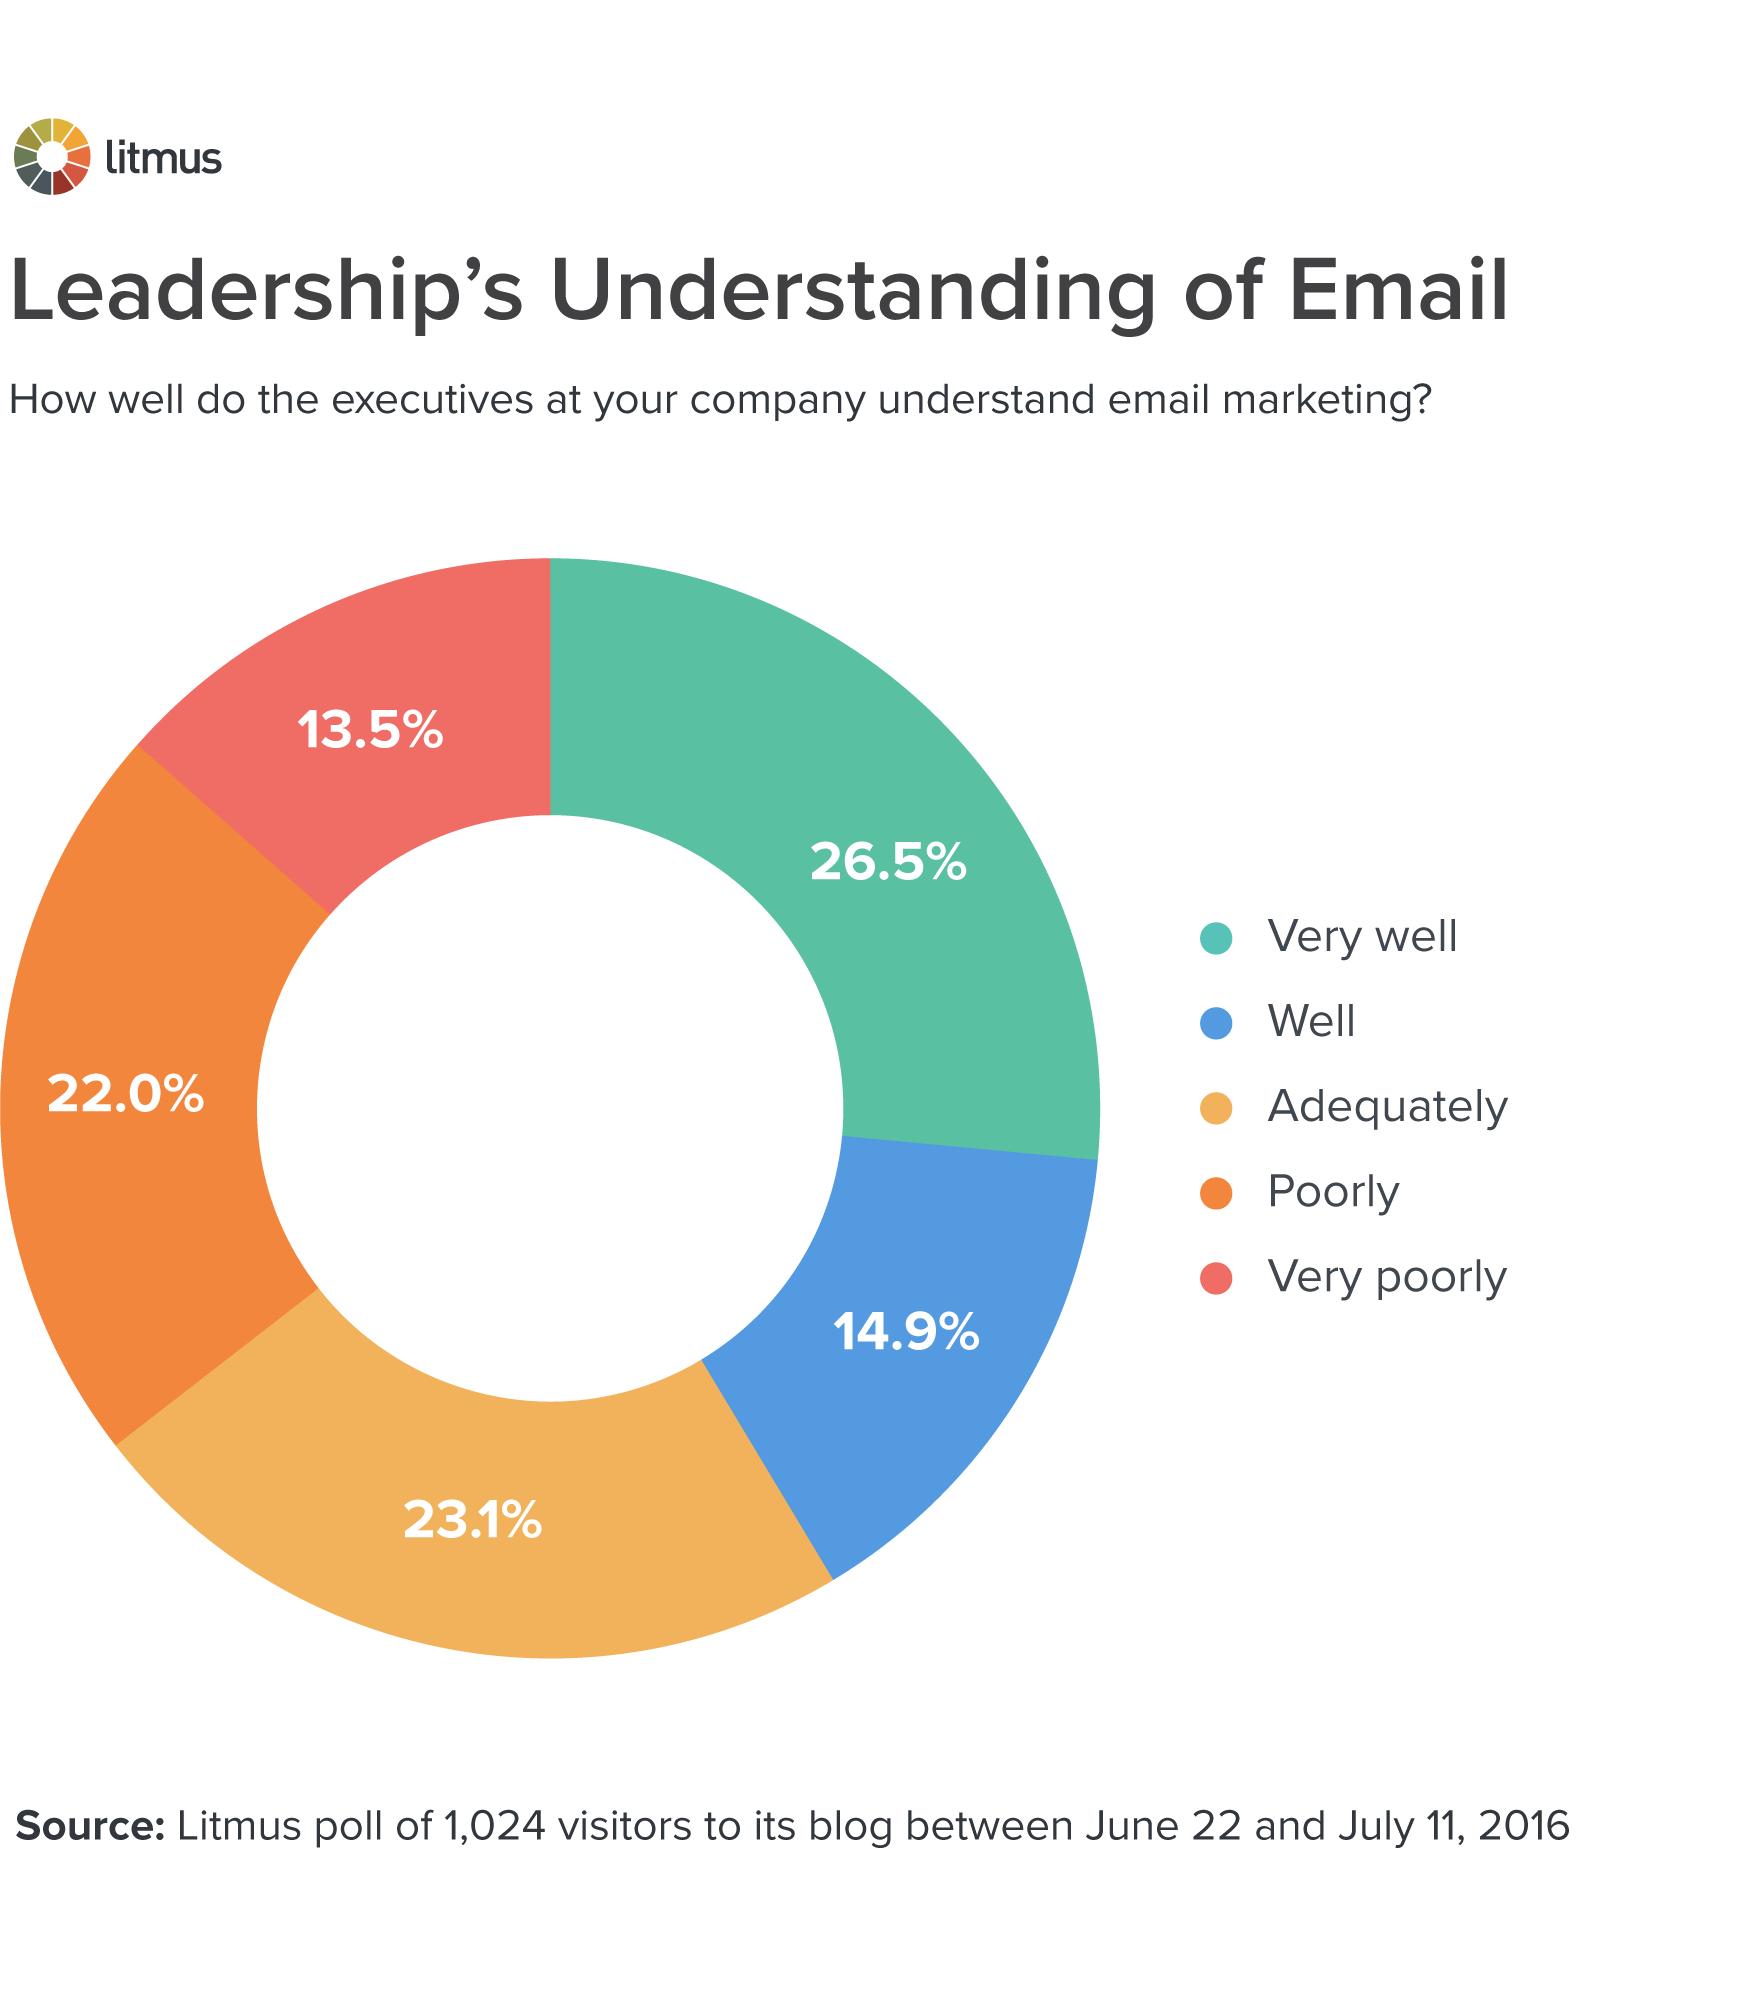 Leadership's Understanding of Email